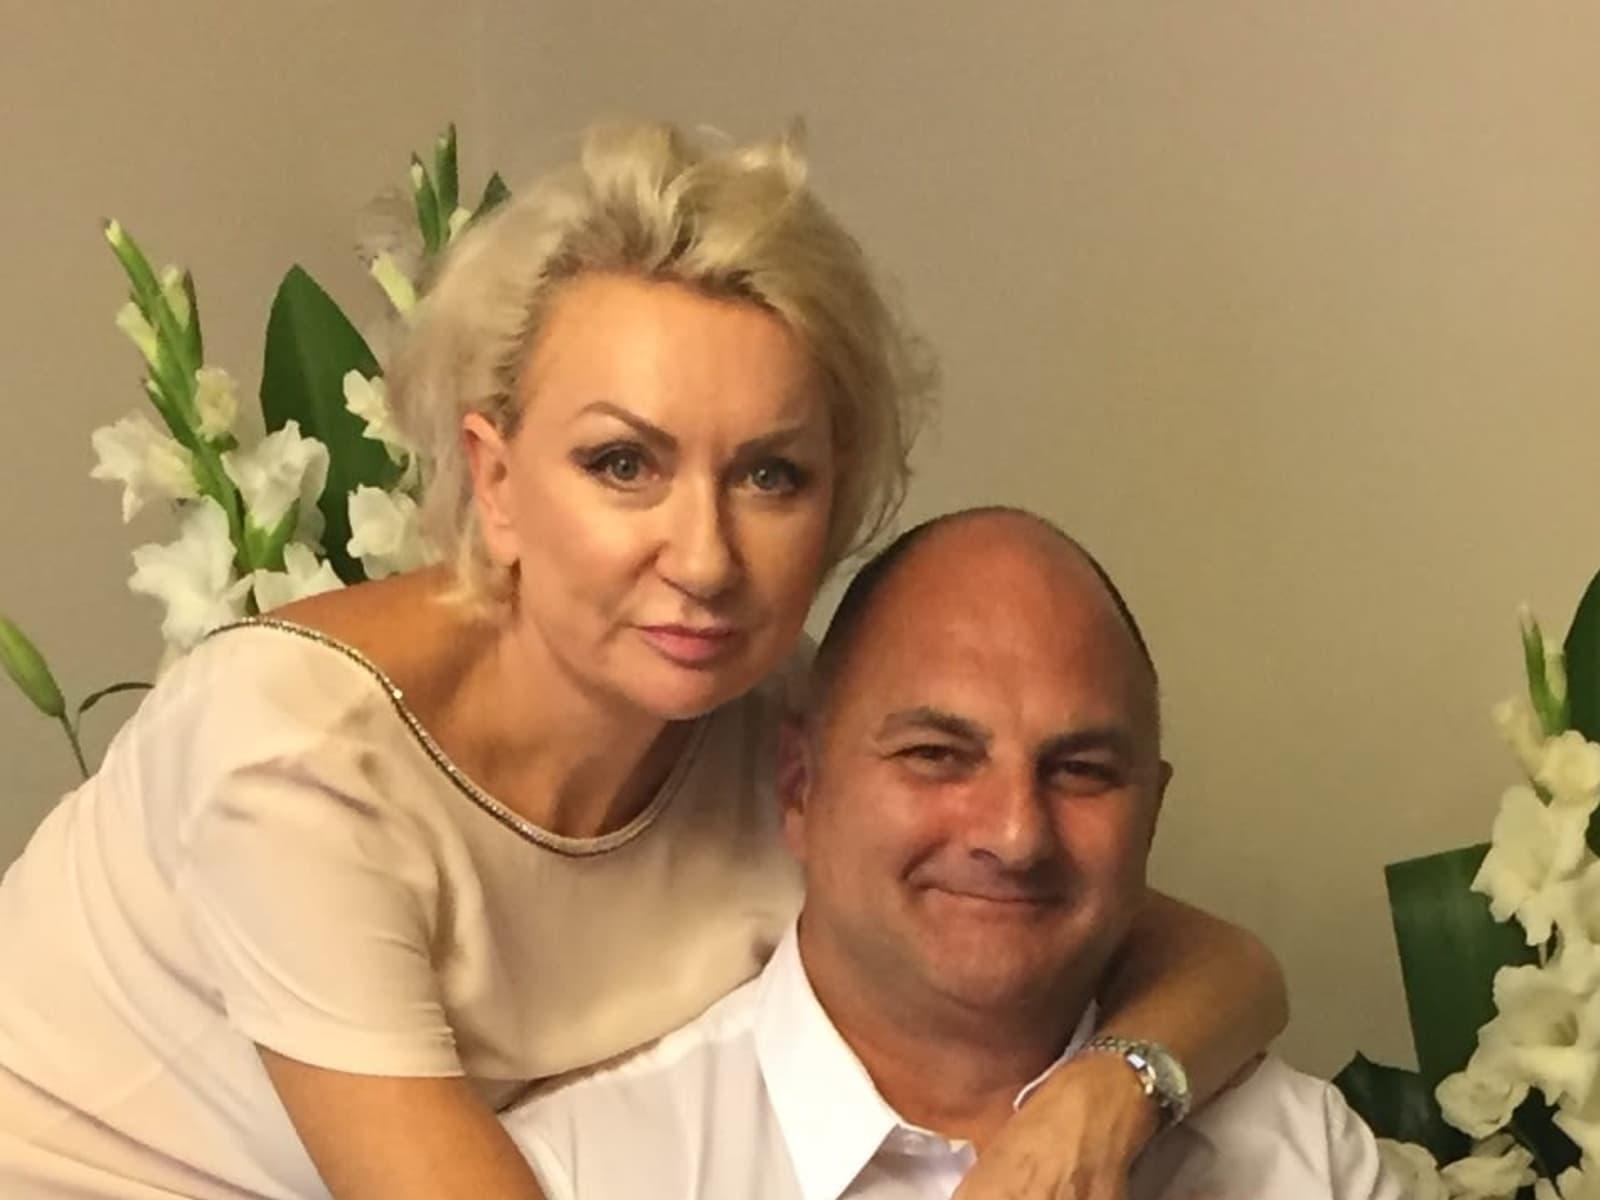 Buddy & jessica from Sydney, New South Wales, Australia